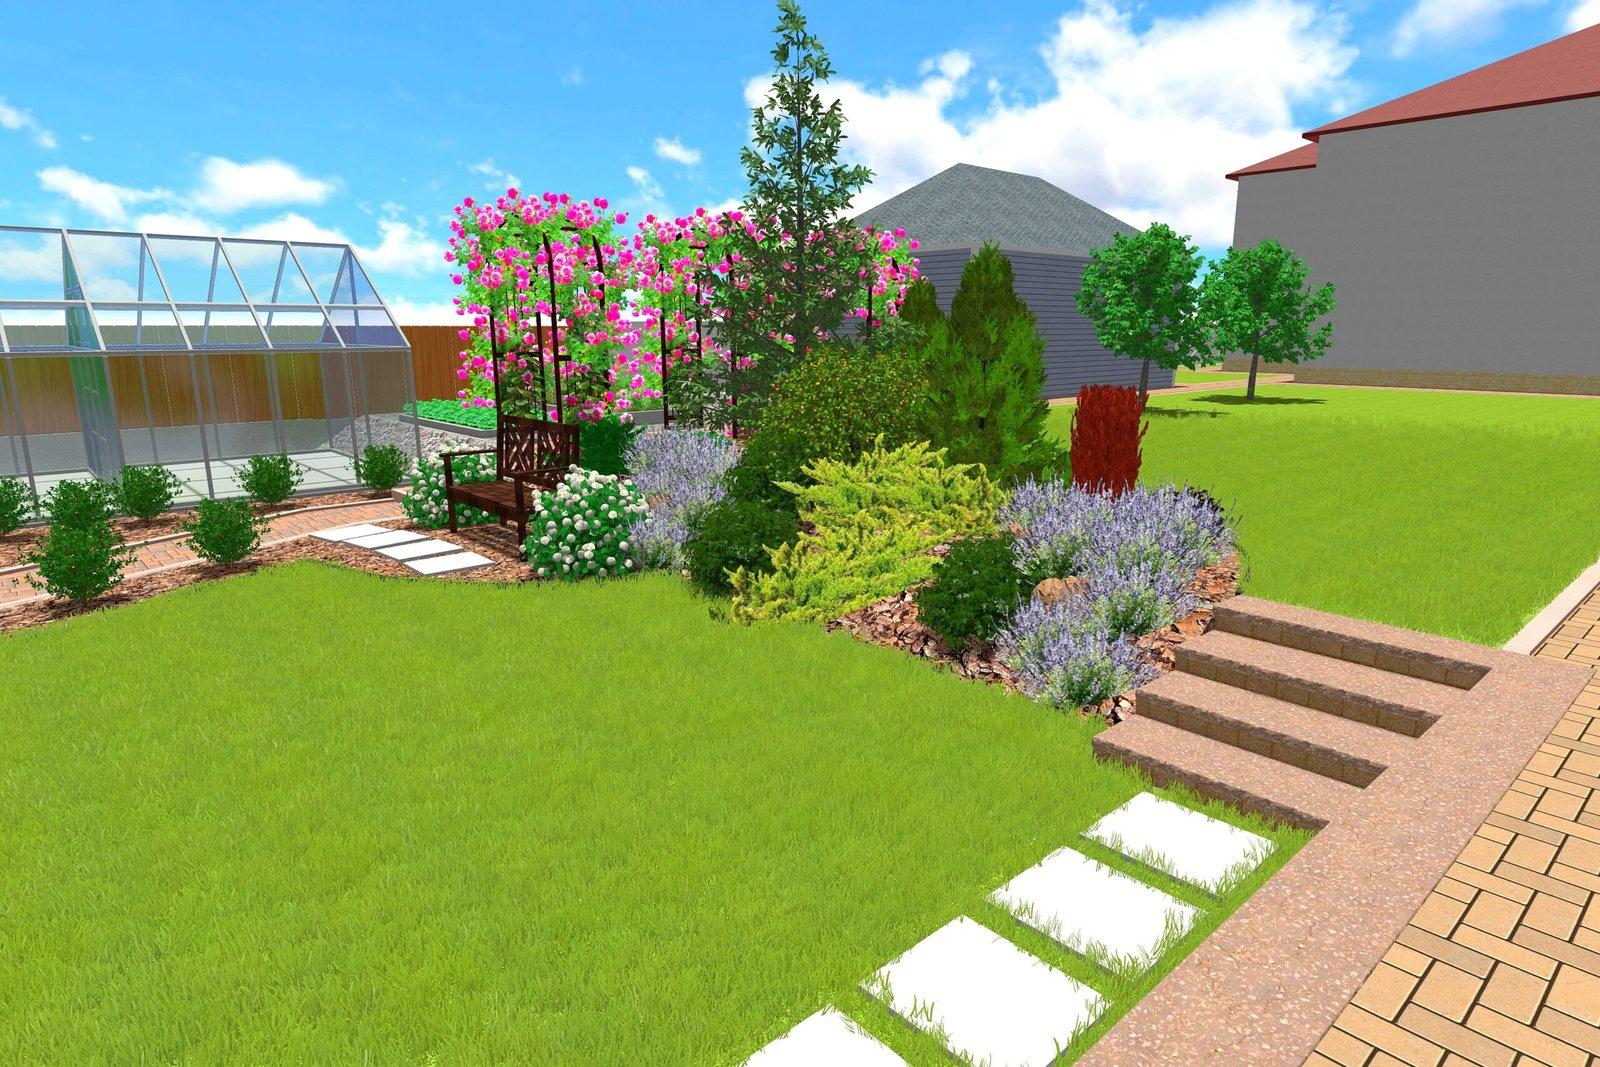 Трехмерное моделирования ландшафтного дизайна двора в Киеве, Моделирование ландшафтного дизайна двора в Киеве, 3д ландшафтного дизайна двора в Киеве